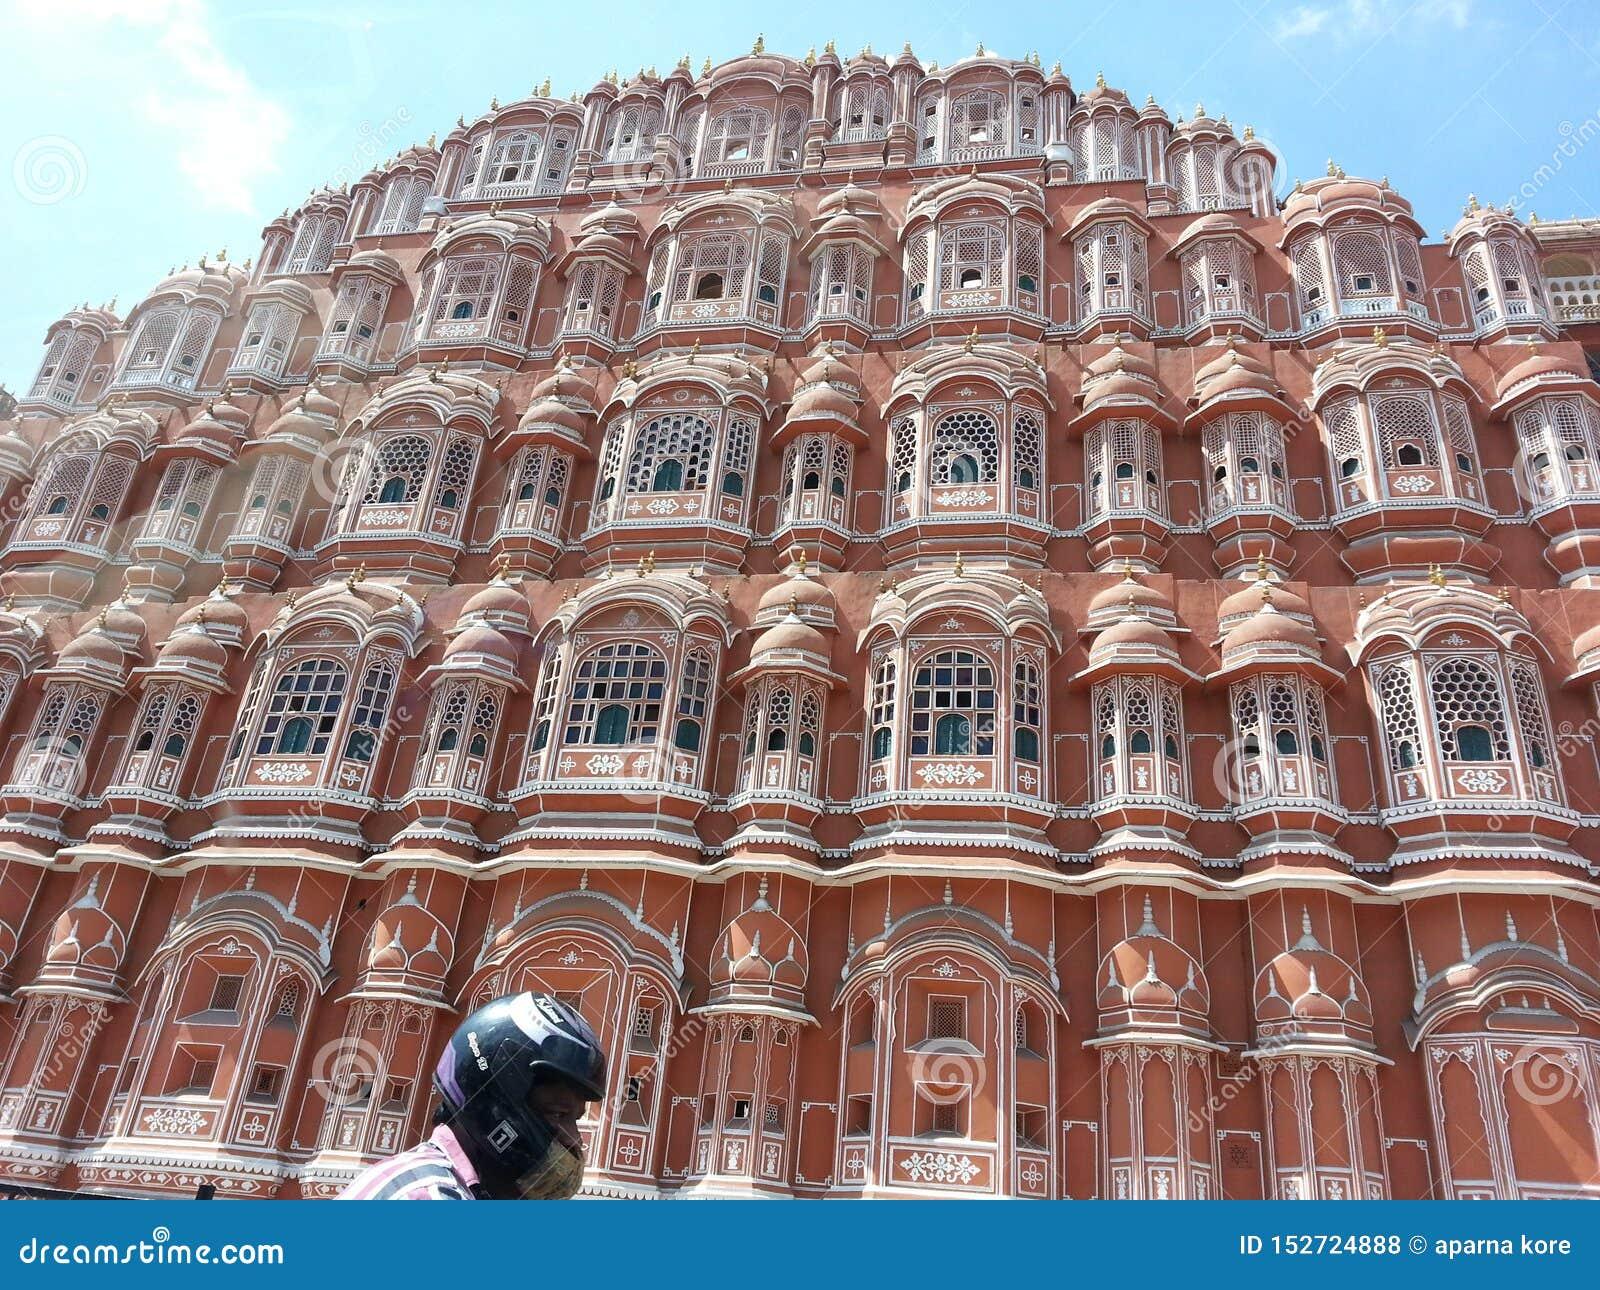 Mahal Hawa is het paleis in Jaipur, India gemaakt met het rode en roze zandsteen